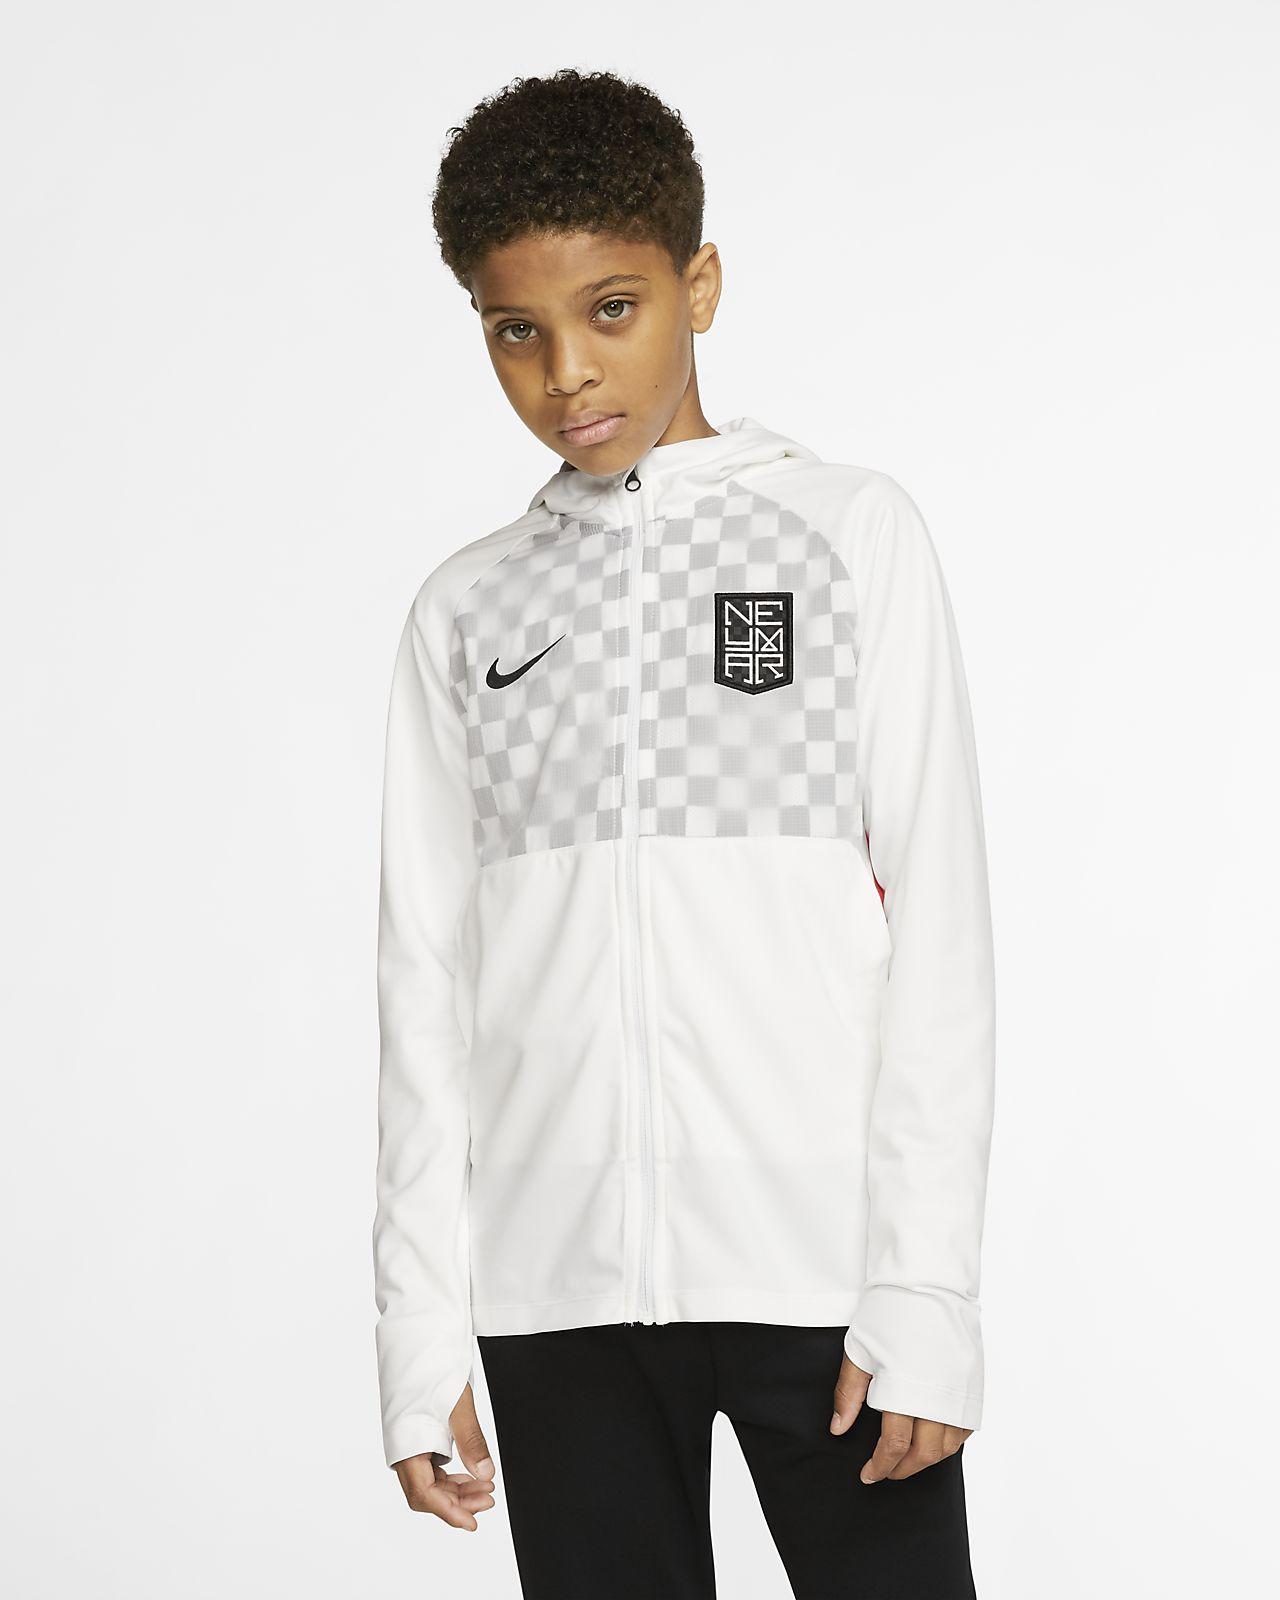 Veste de football Nike Dri FIT Neymar Jr. pour Enfant plus âgé